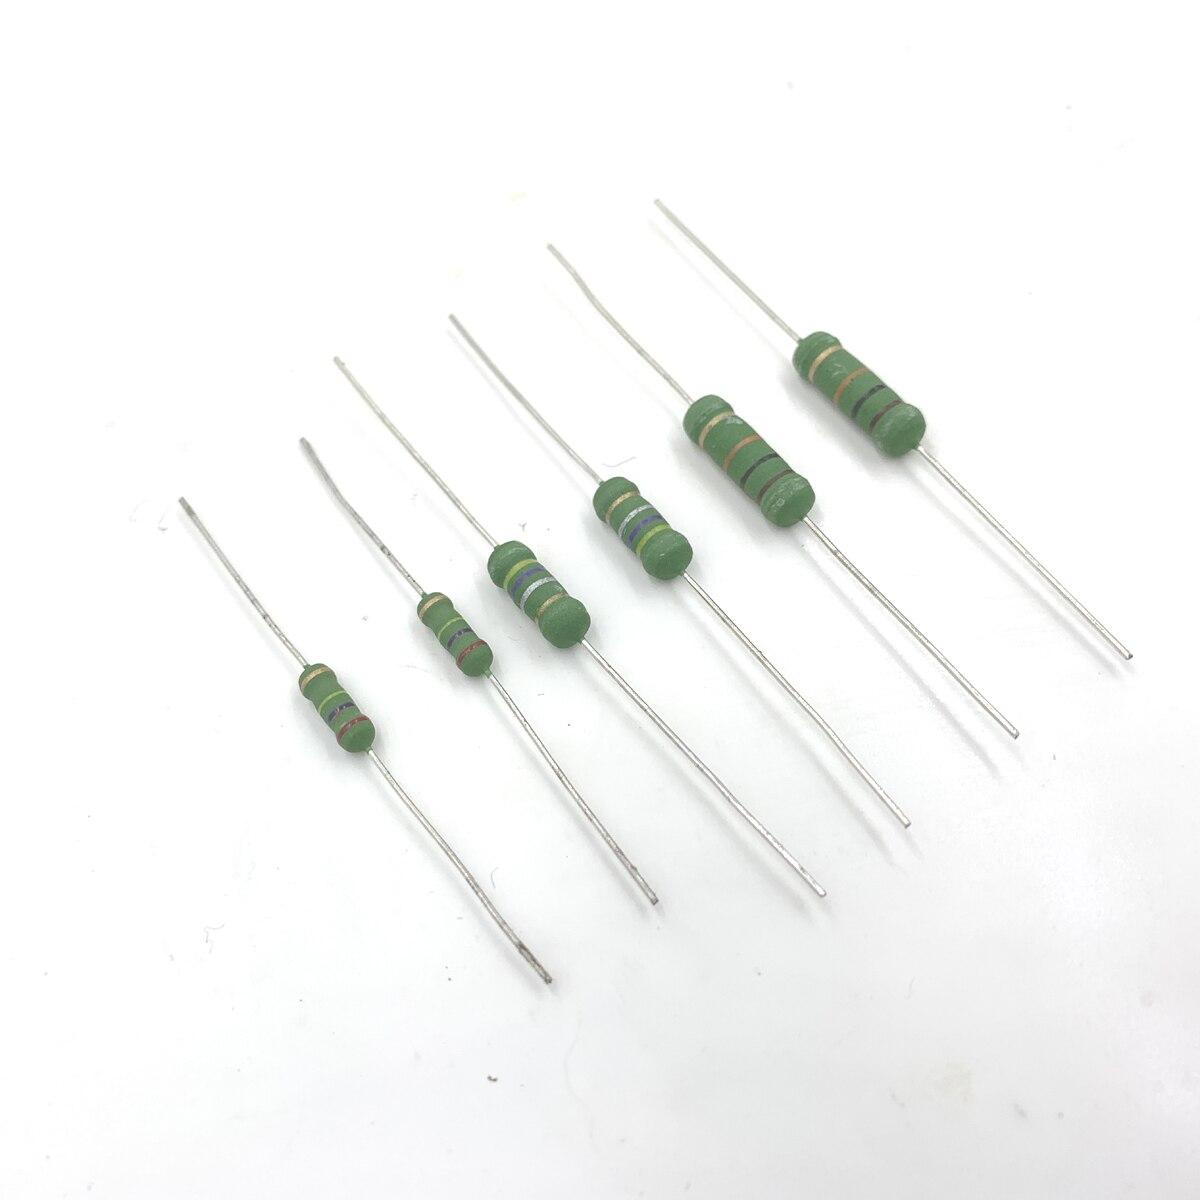 100 шт. 2 Вт 2WS 150R 180R 200R 150ohm 180ohm 200ohm 150 180 200 4x11 маленький металлоксидный пленочный резистор Сопротивление цветного кольца R ohm